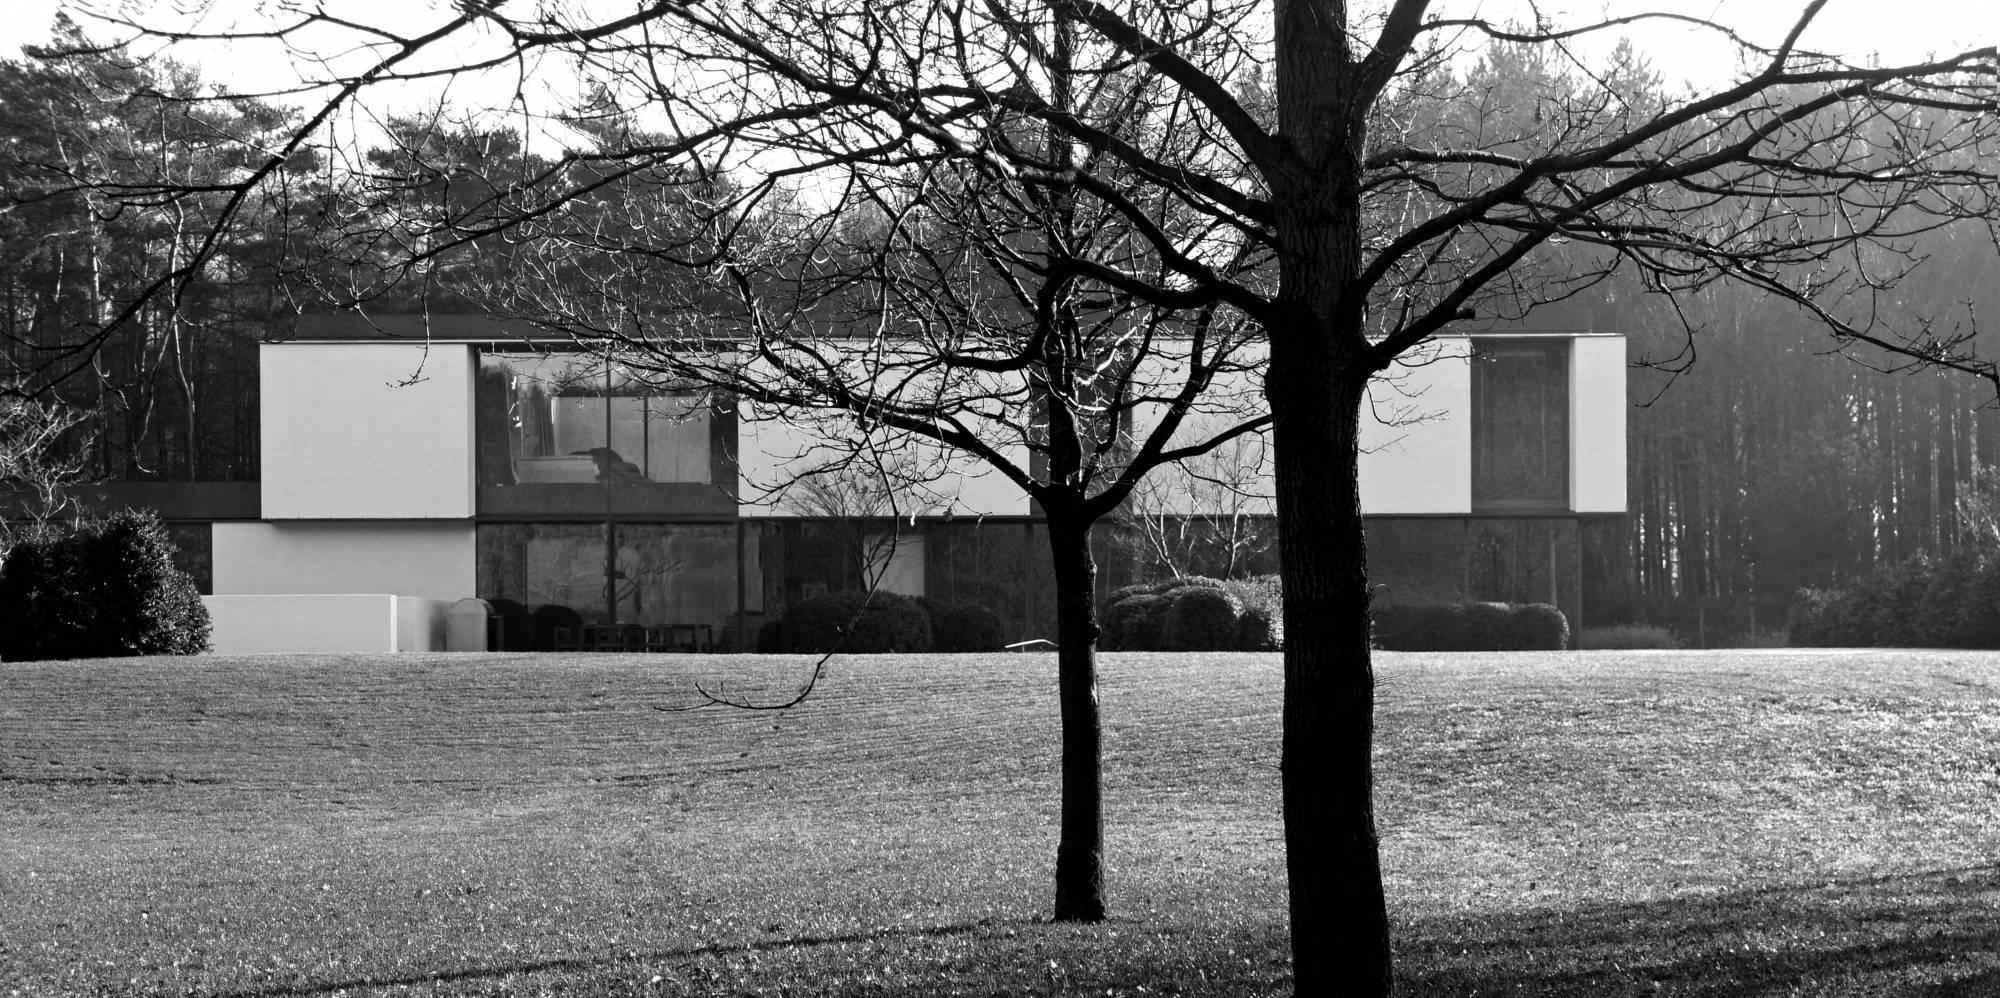 VVDA_VT Residence_Eggermont_2